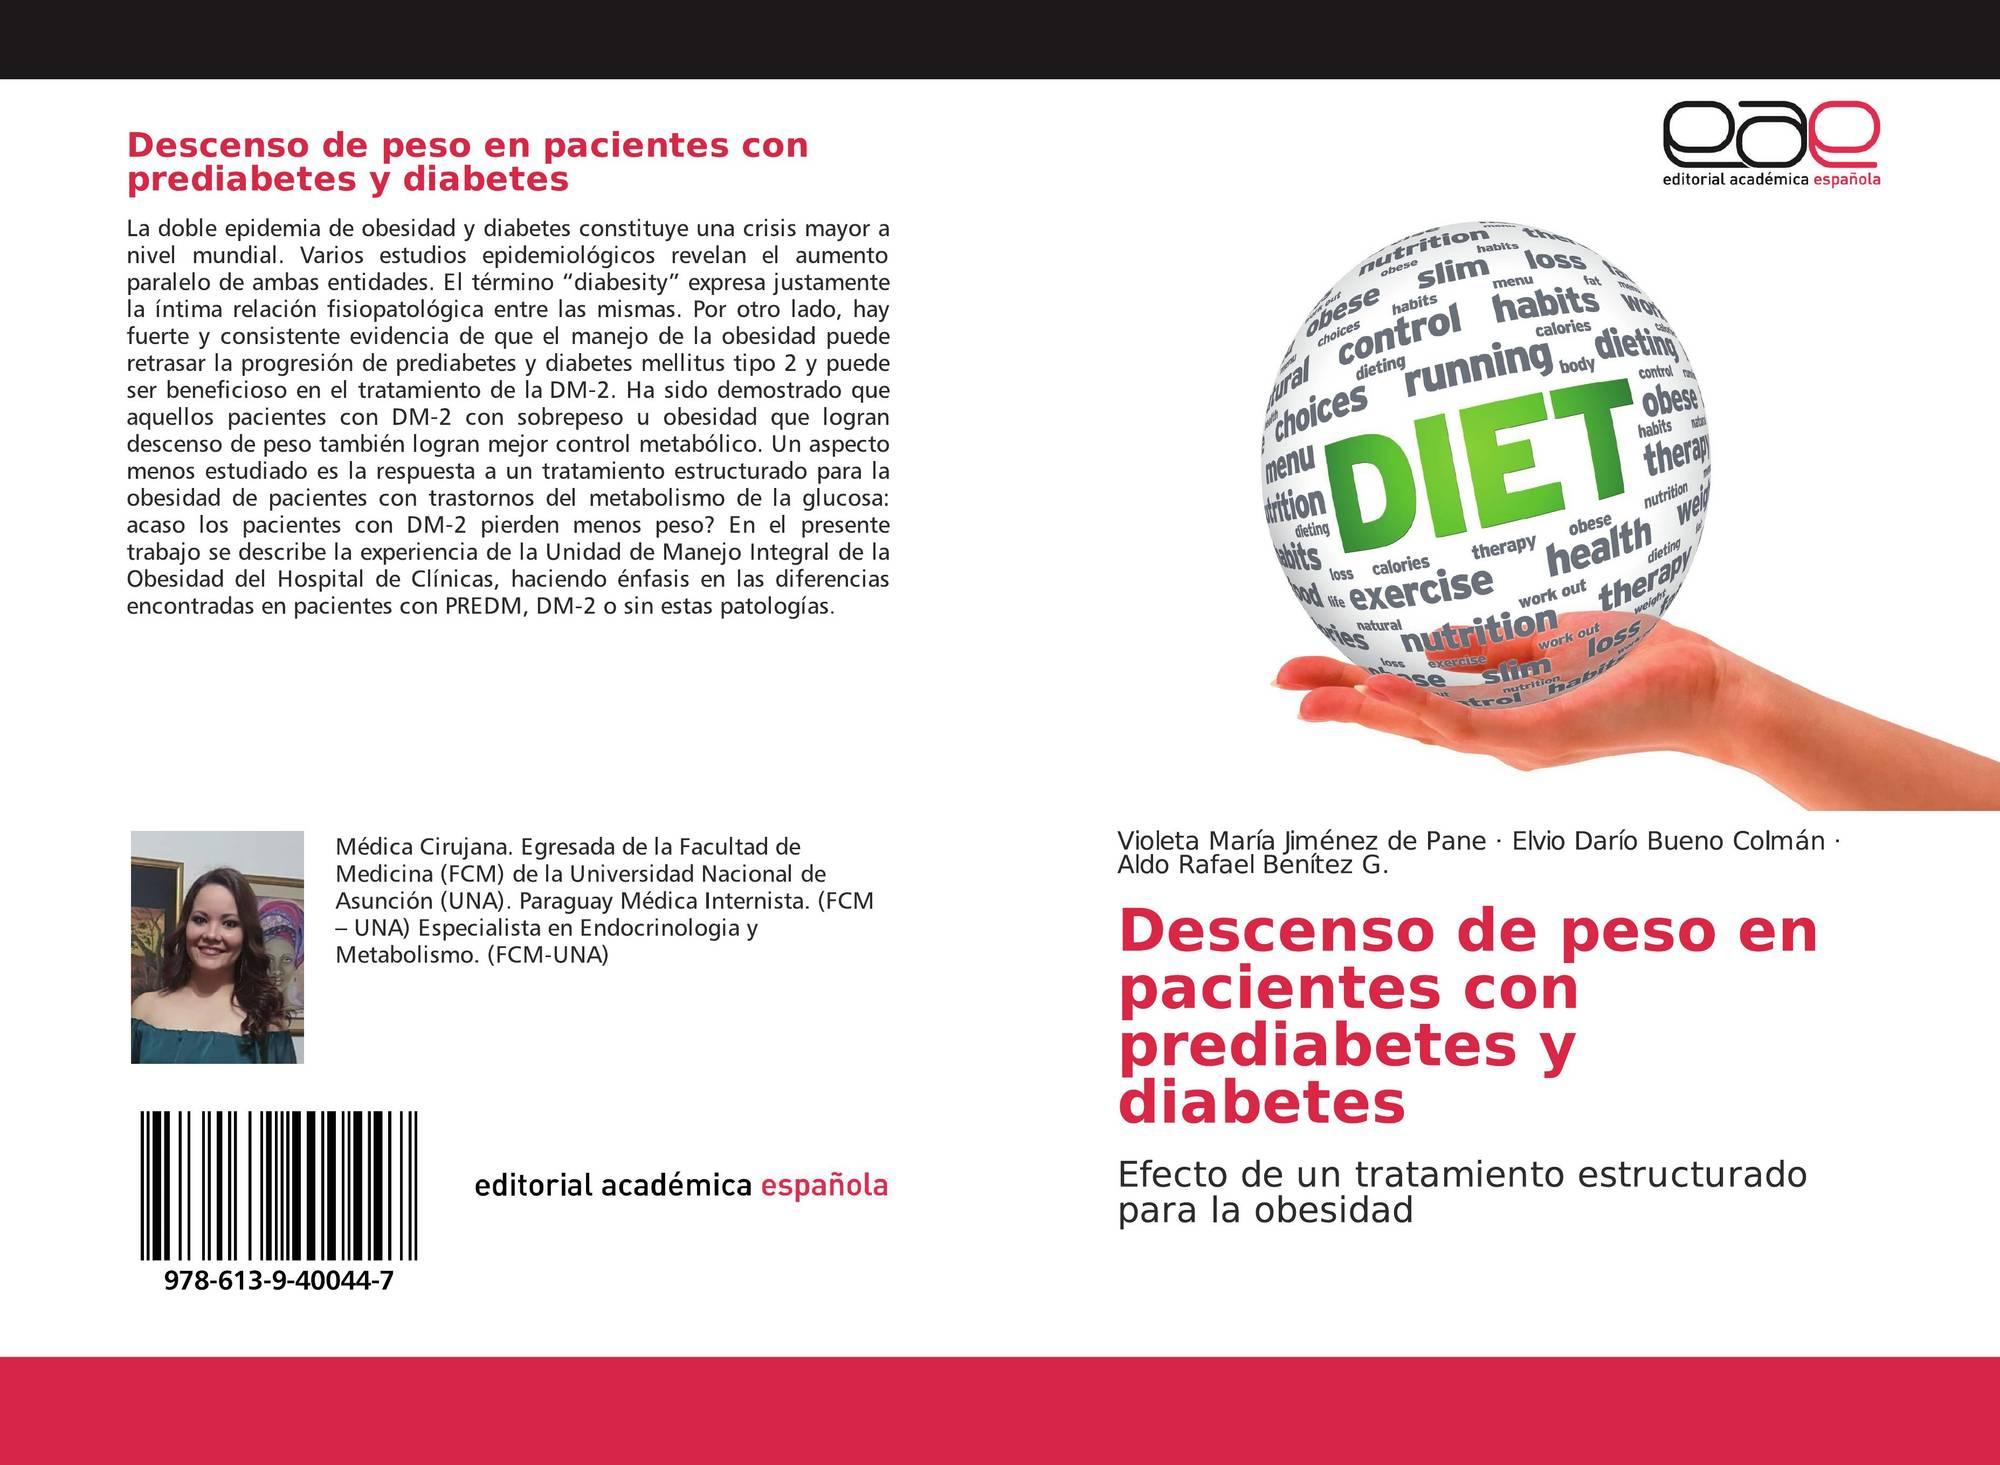 tratamiento de obesidad y diabetes